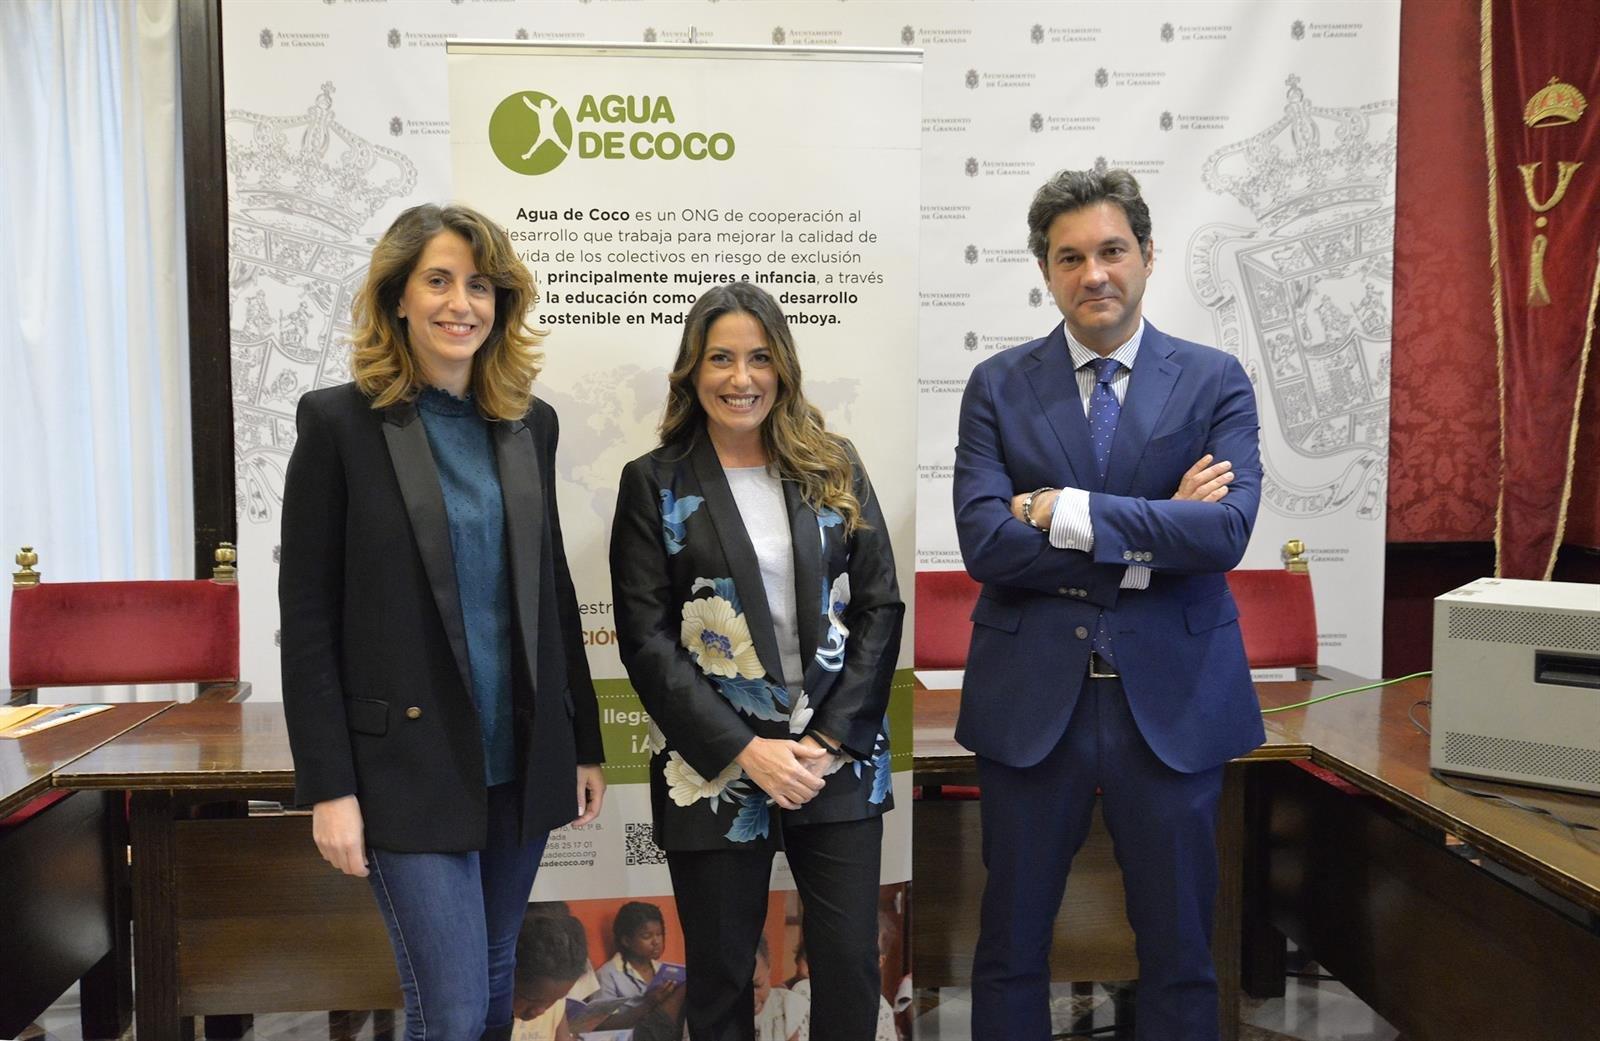 El Auditorio Manuel de Falla acoge el fin de gira de los 25 años de la fundación Agua de Coco